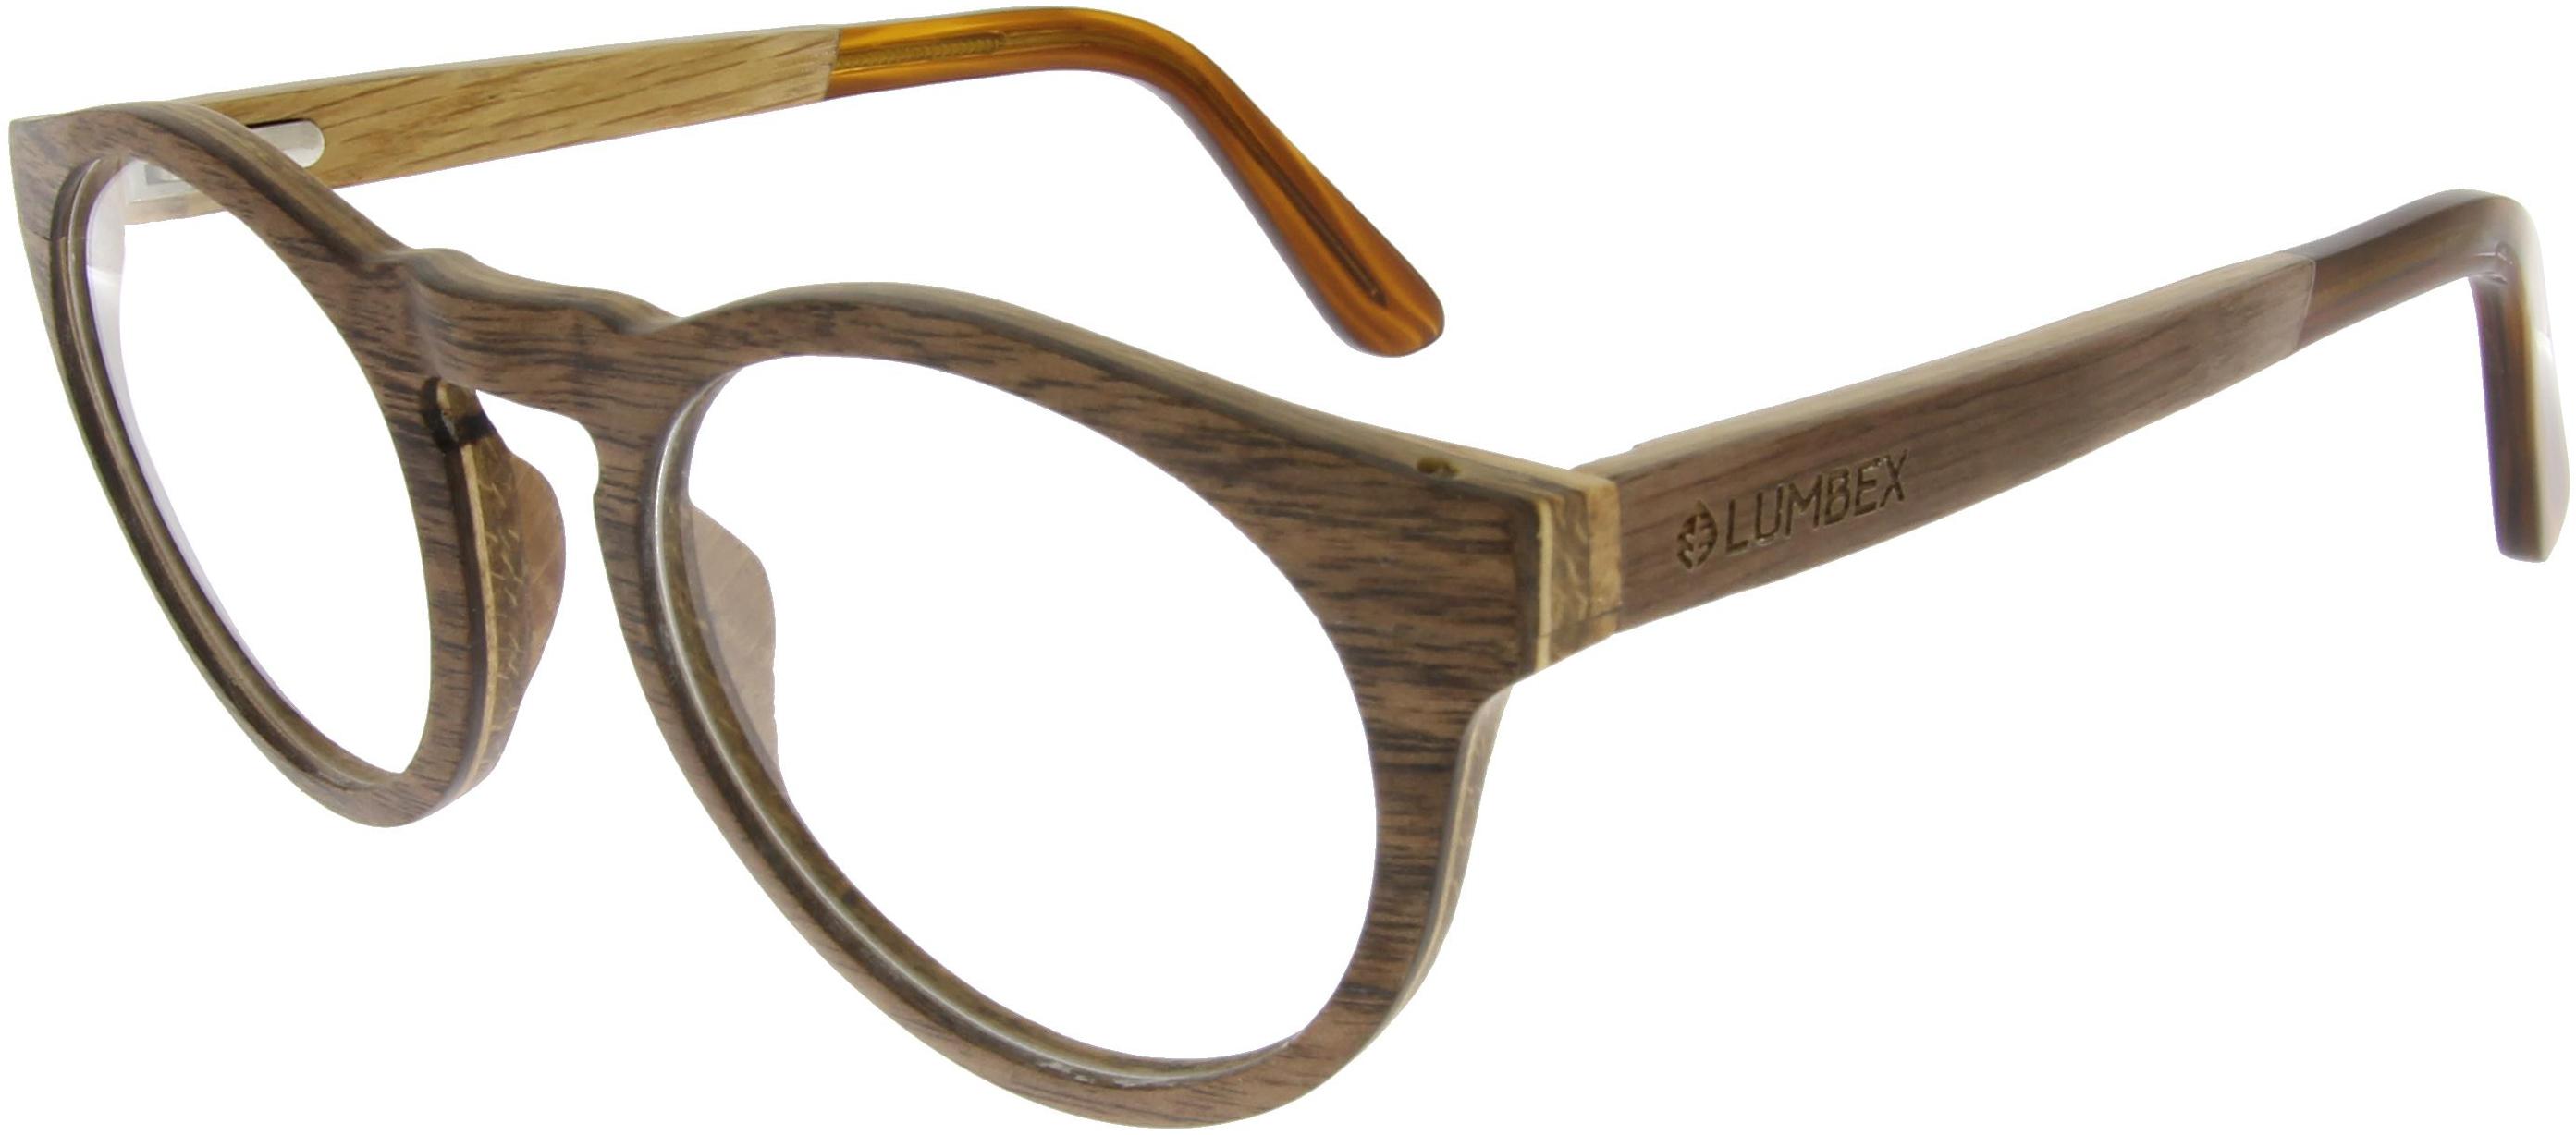 Vorschaubild von Hellbraune Brille aus Walnussholz